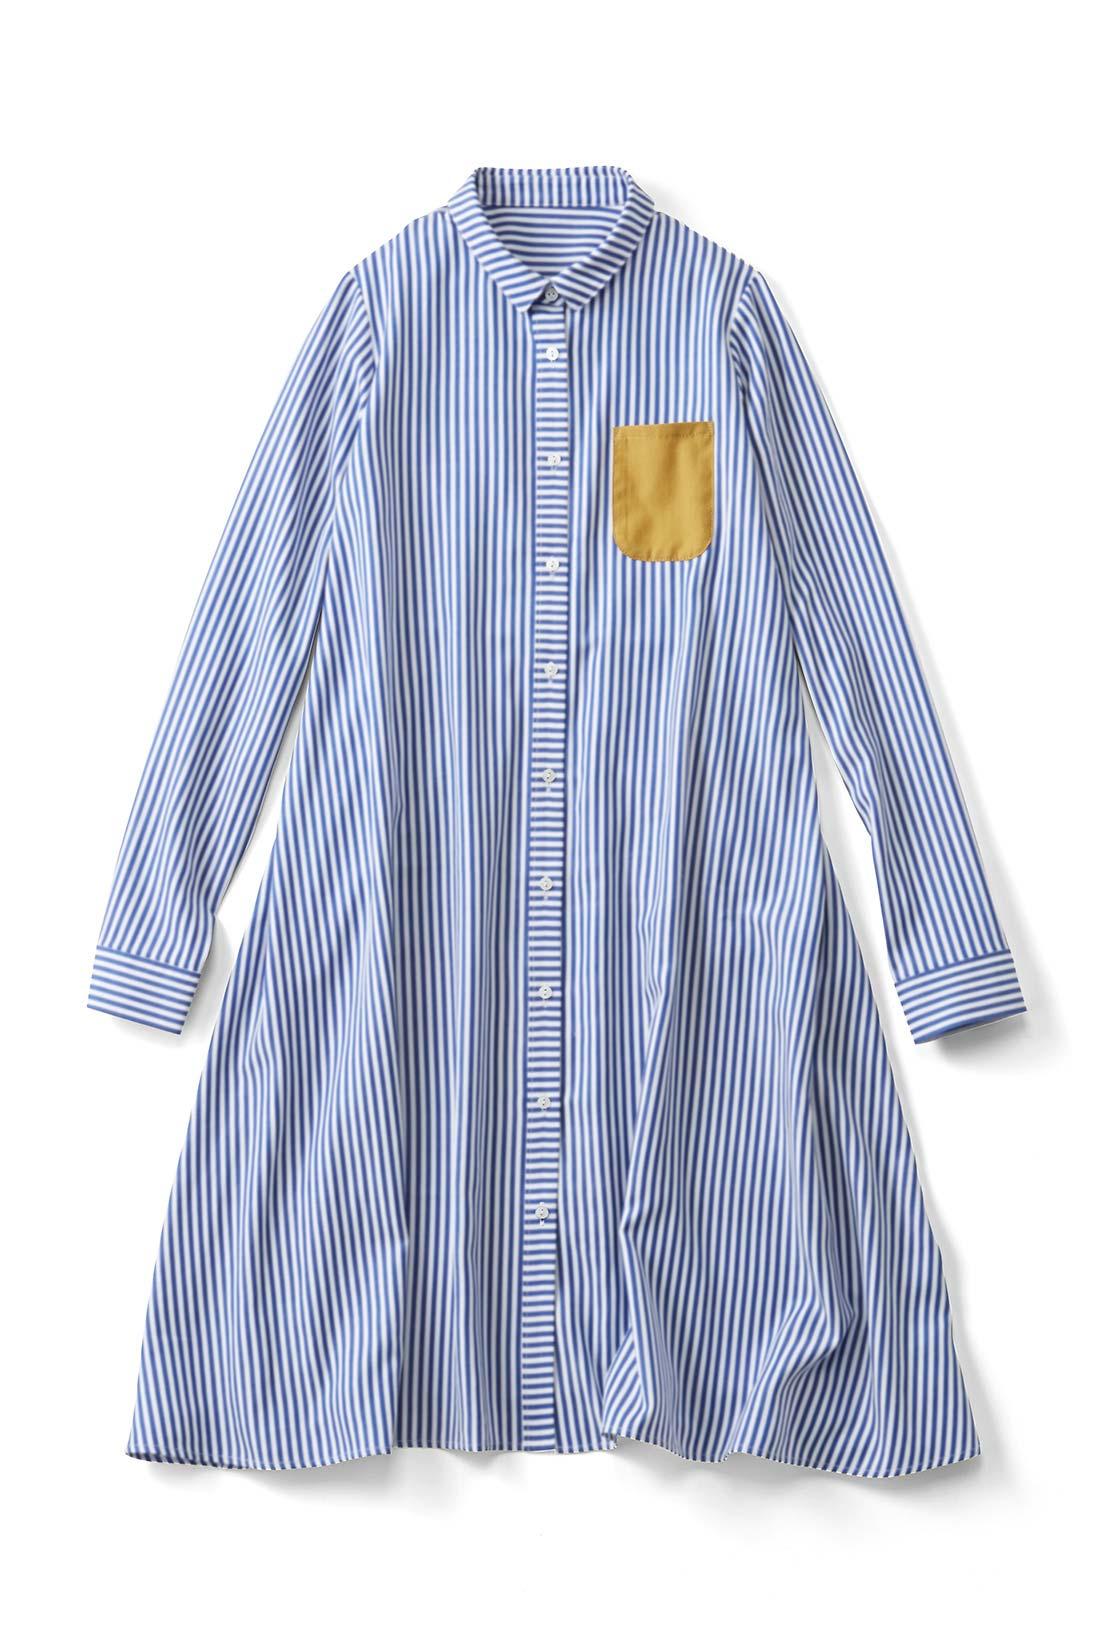 【細ストライプ】パキッとした配色の胸ポケットが目印だよ。